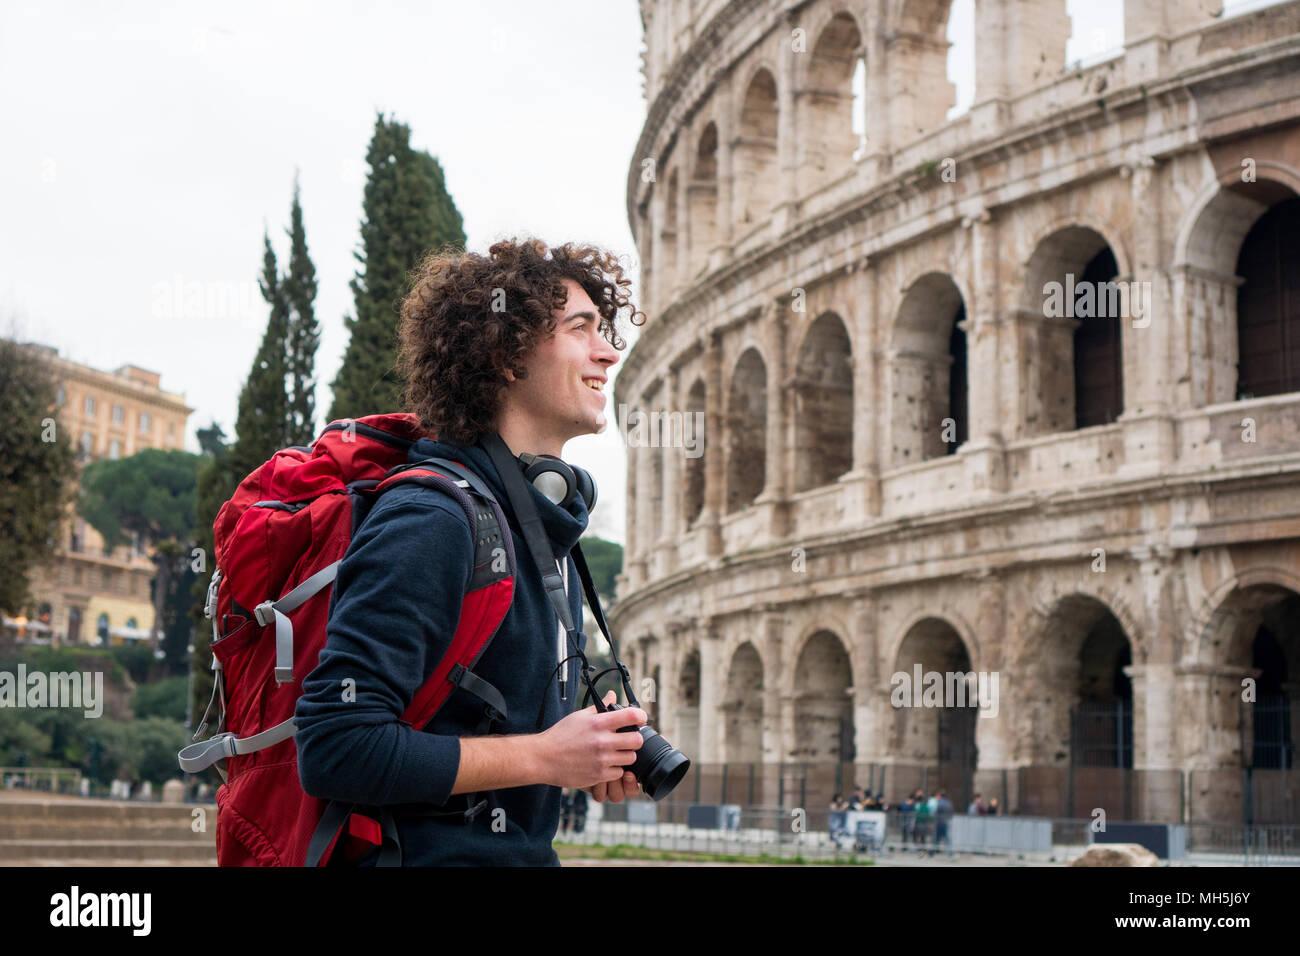 Hübscher junger Tourist Mann mit lockigem Haar mit Kamera und Rucksack, die Bilder von Kolosseum in Rom, Italien. Jungen Touristen, die Bilder von Co Stockbild